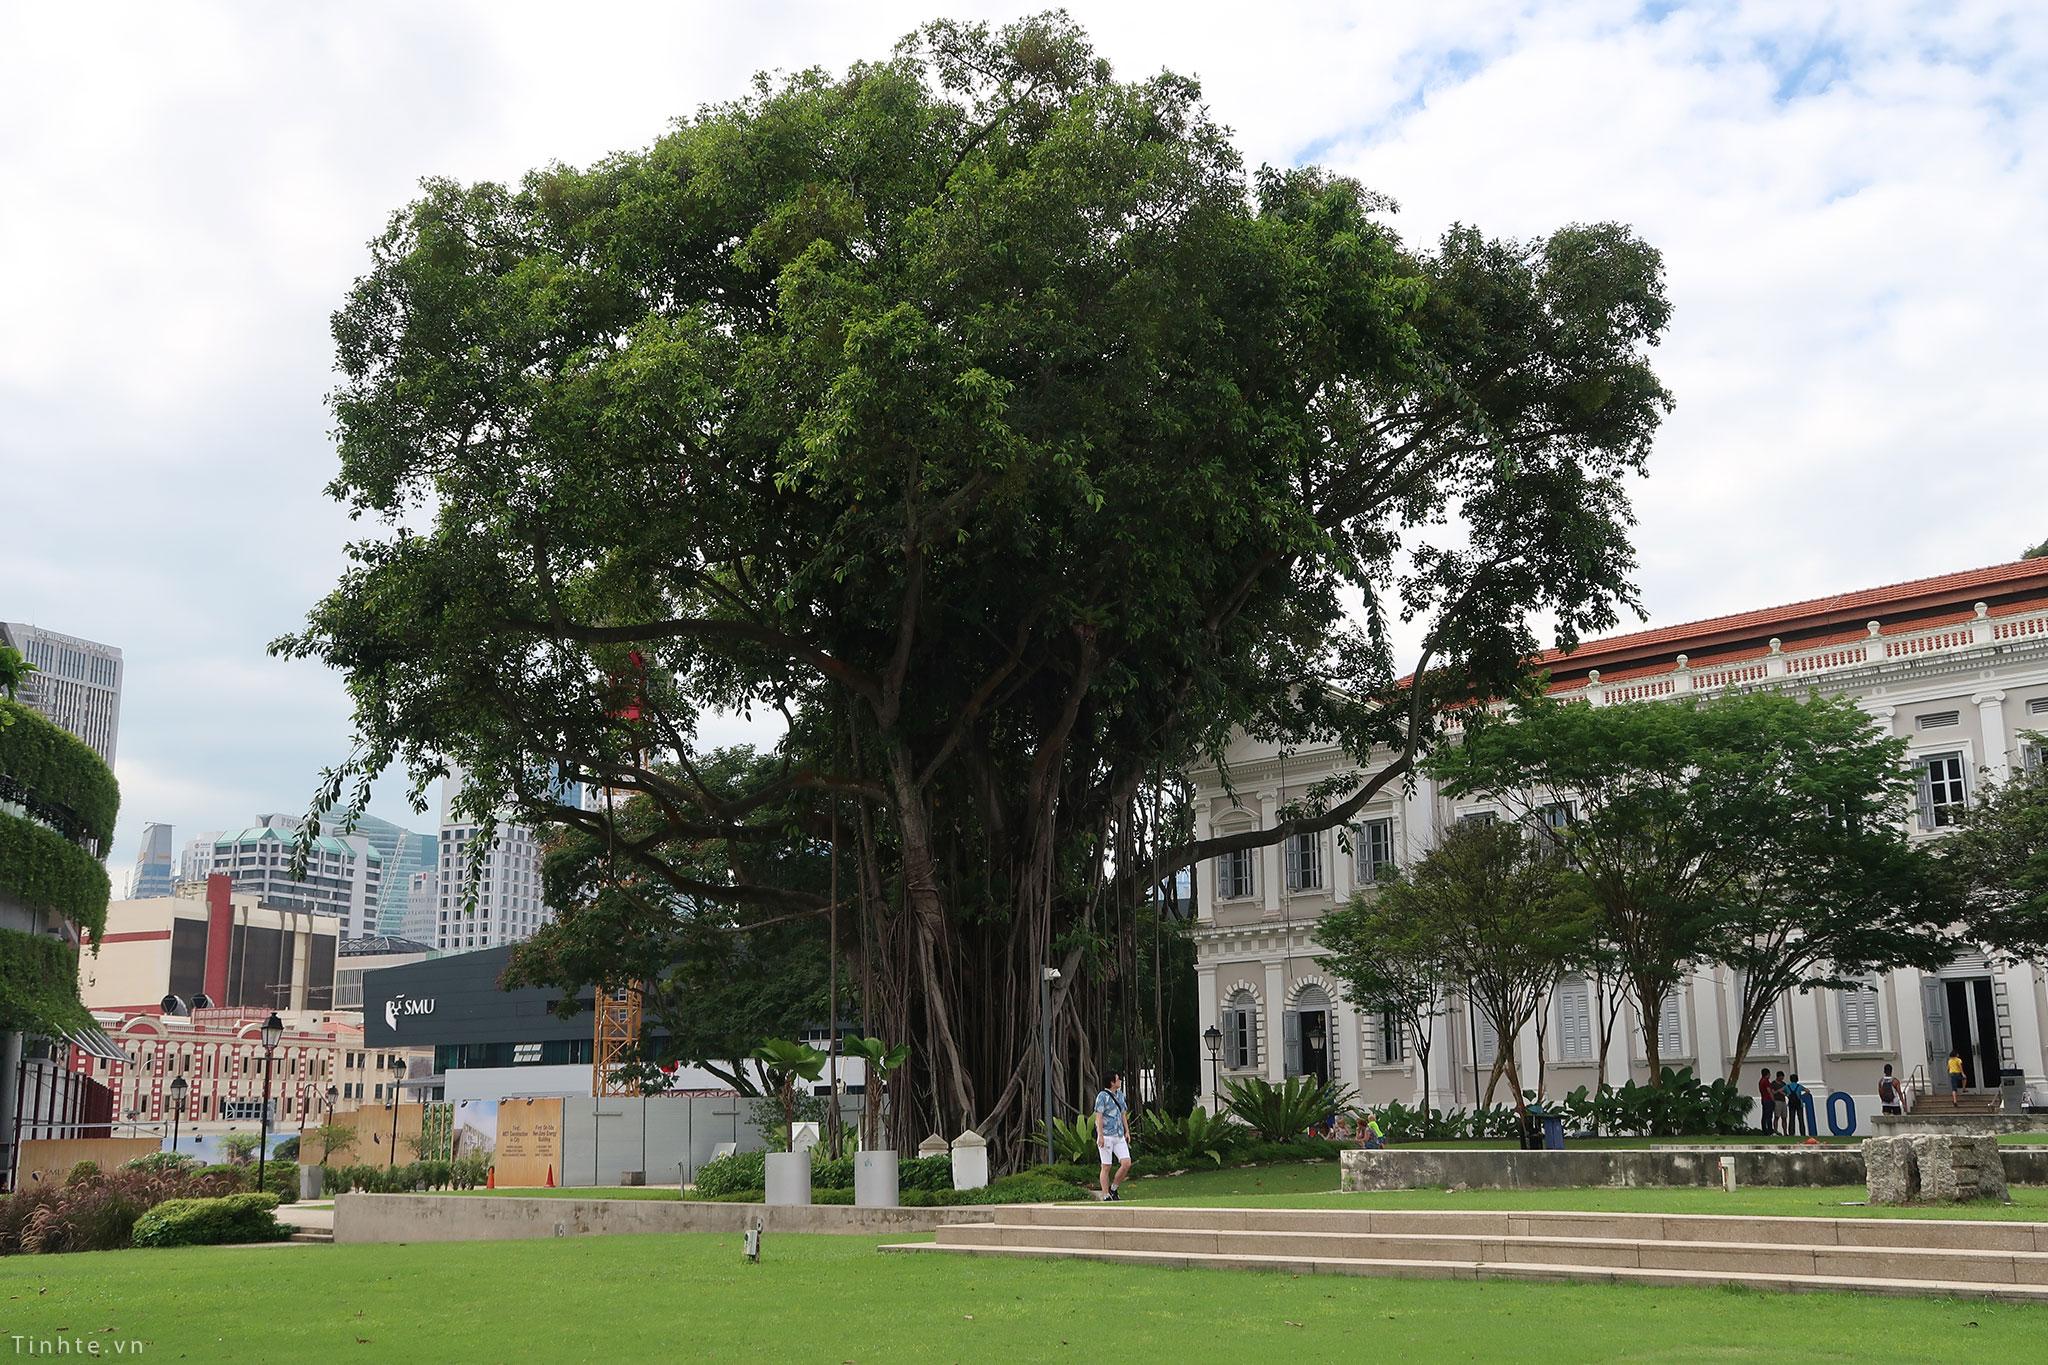 tinhte_bao_tang_quoc_gia_singapore_2.jpg